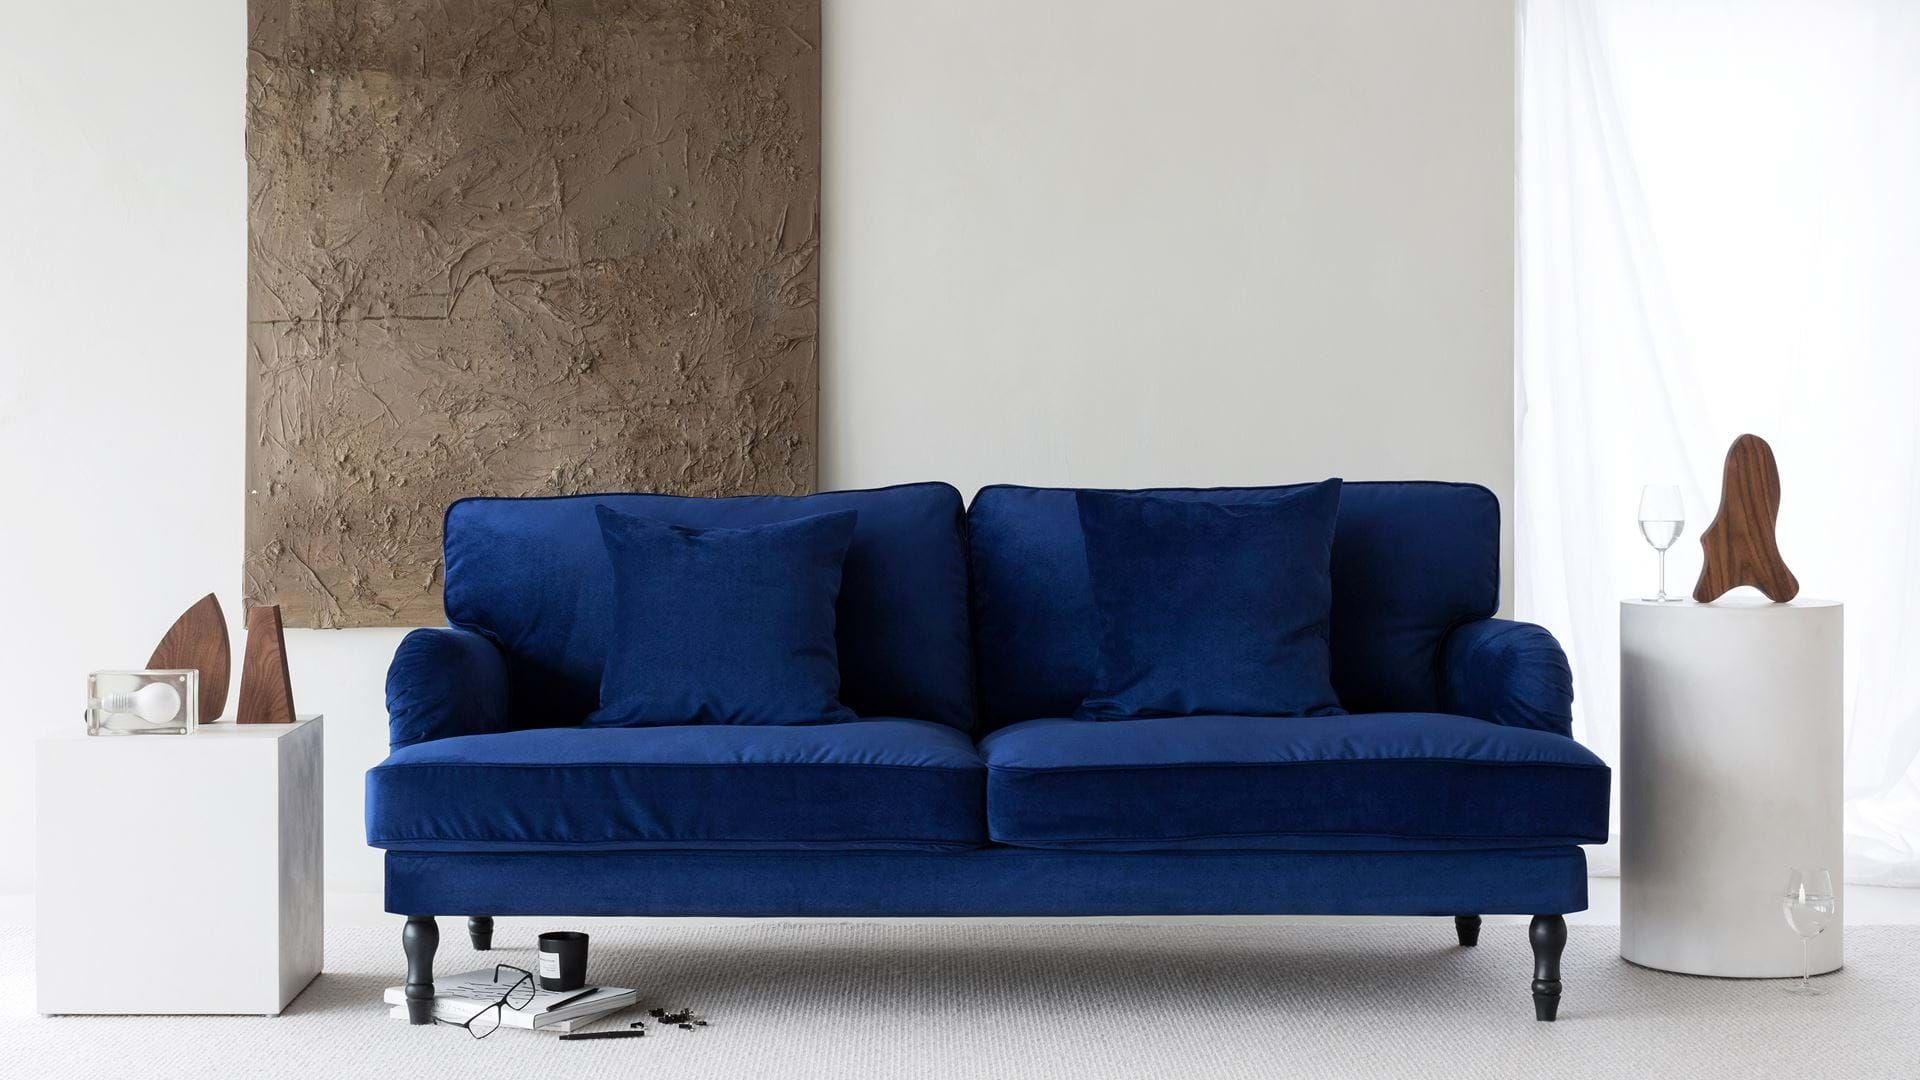 Ikea Stocksund 3 Seater Sofa Cover Bemz Bemz In 2020 Ikea Stocksund Ikea Seater Sofa